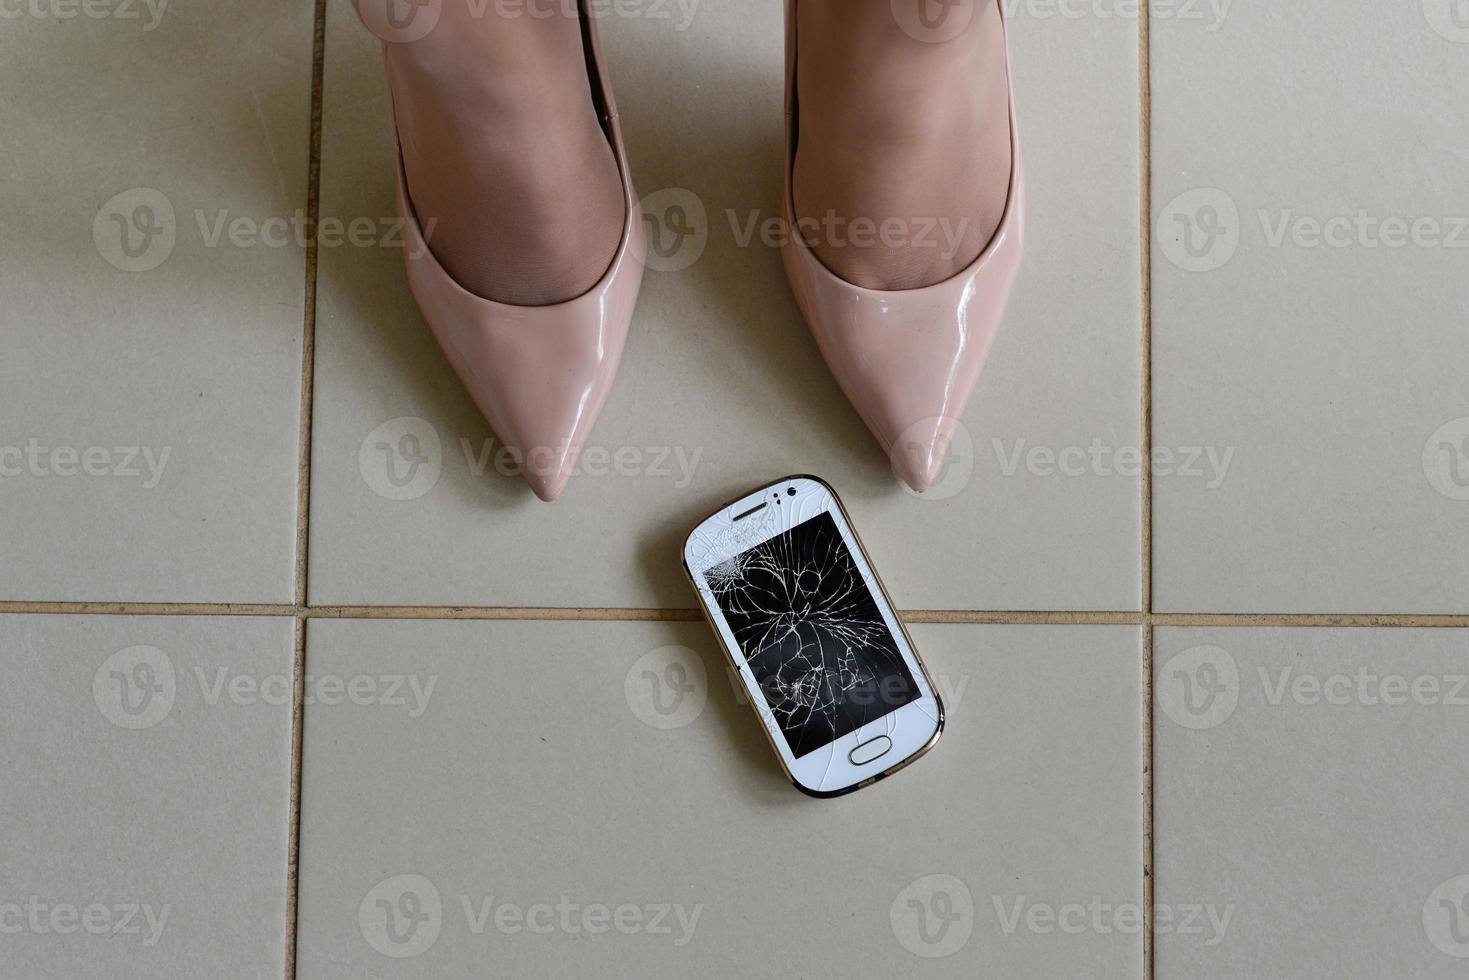 téléphone intelligent cassé sur le carrelage photo